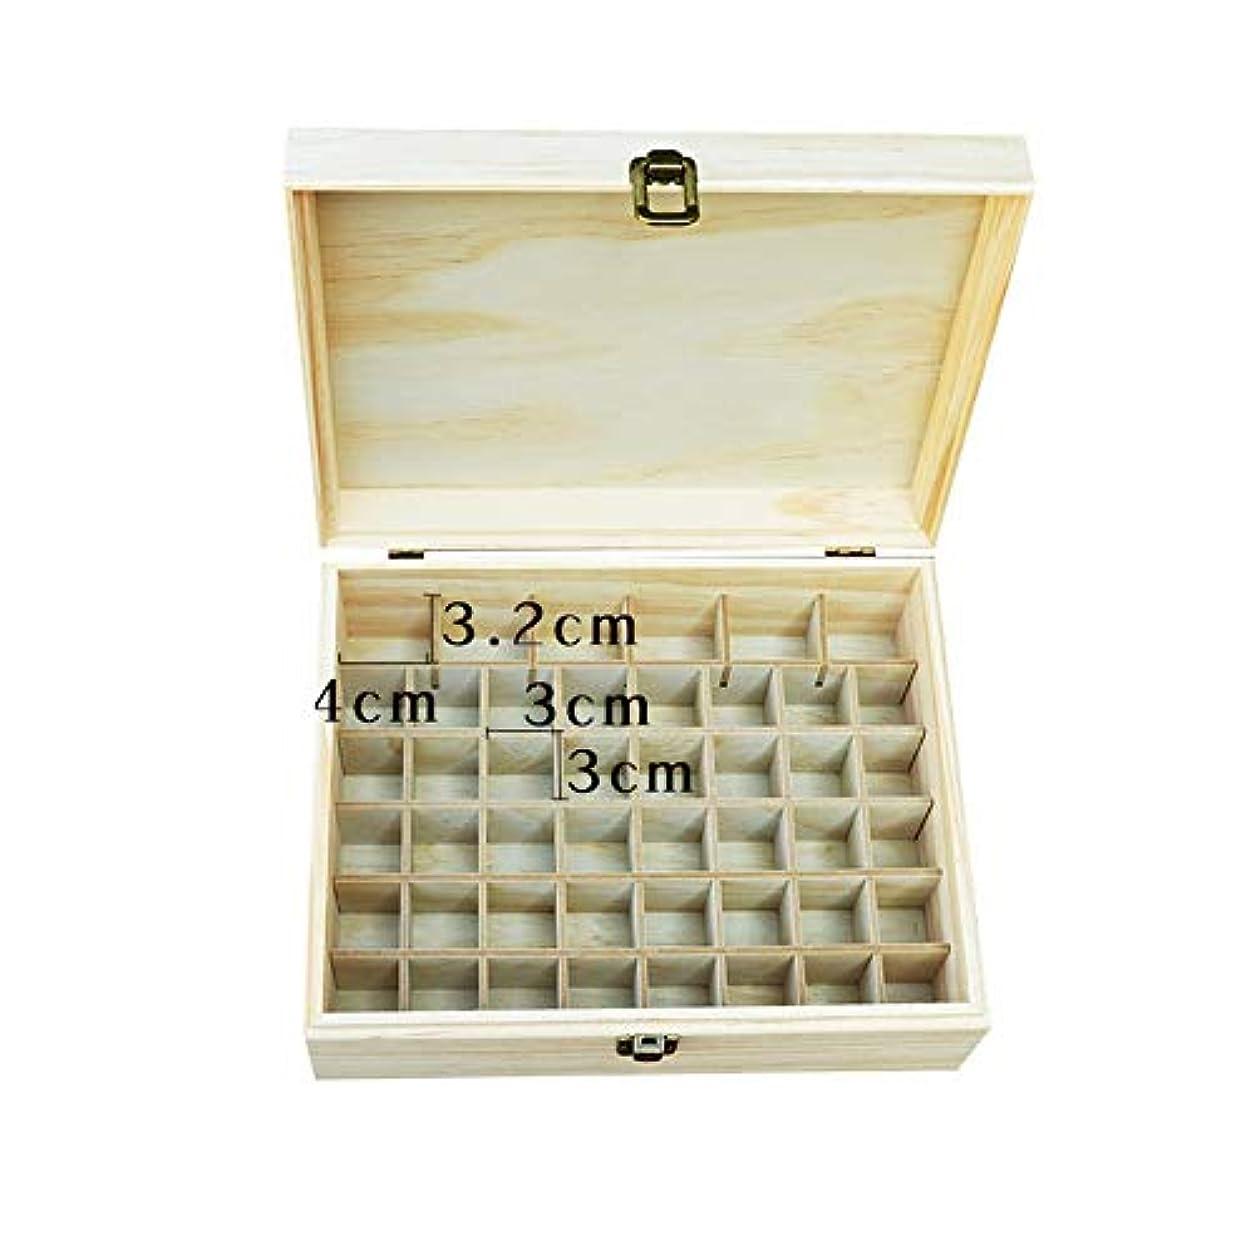 歯痛高層ビルピューエッセンシャルオイル収納ボックス 大46ボトル木製のエッセンシャルオイルストレージボックス (色 : Natural, サイズ : 22.2X10.2X8.2CM)